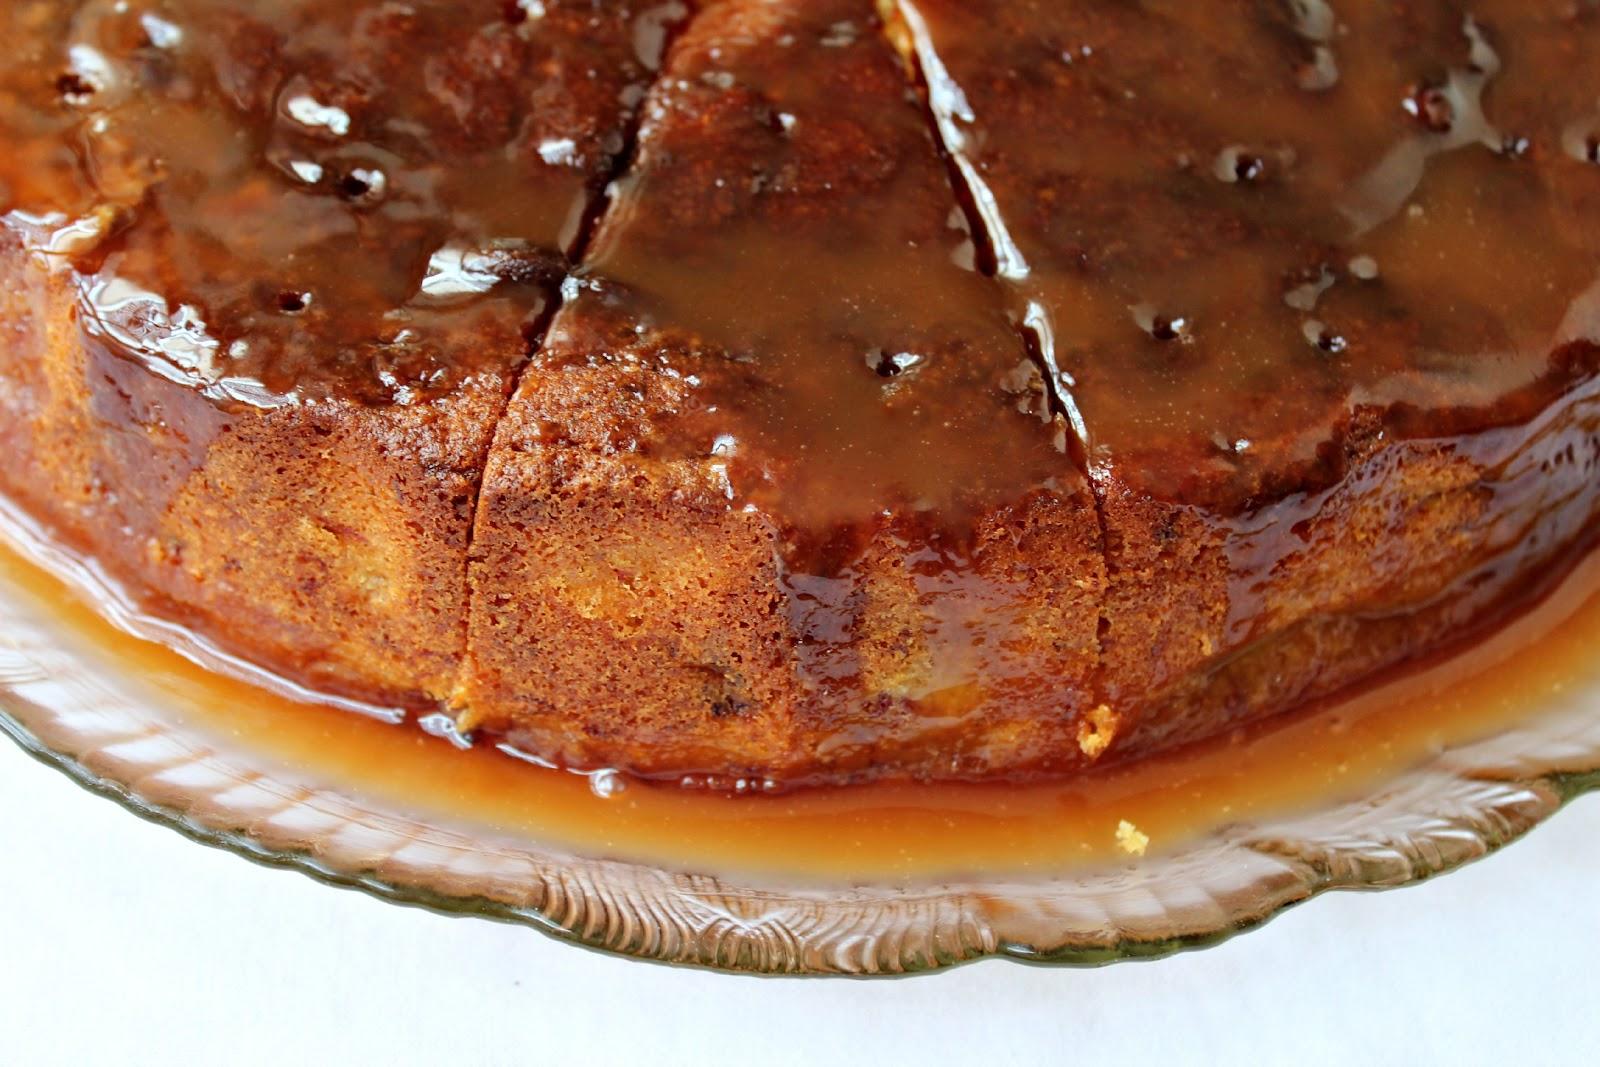 Milk and Honey: Banana Cake with Caramel Sauce